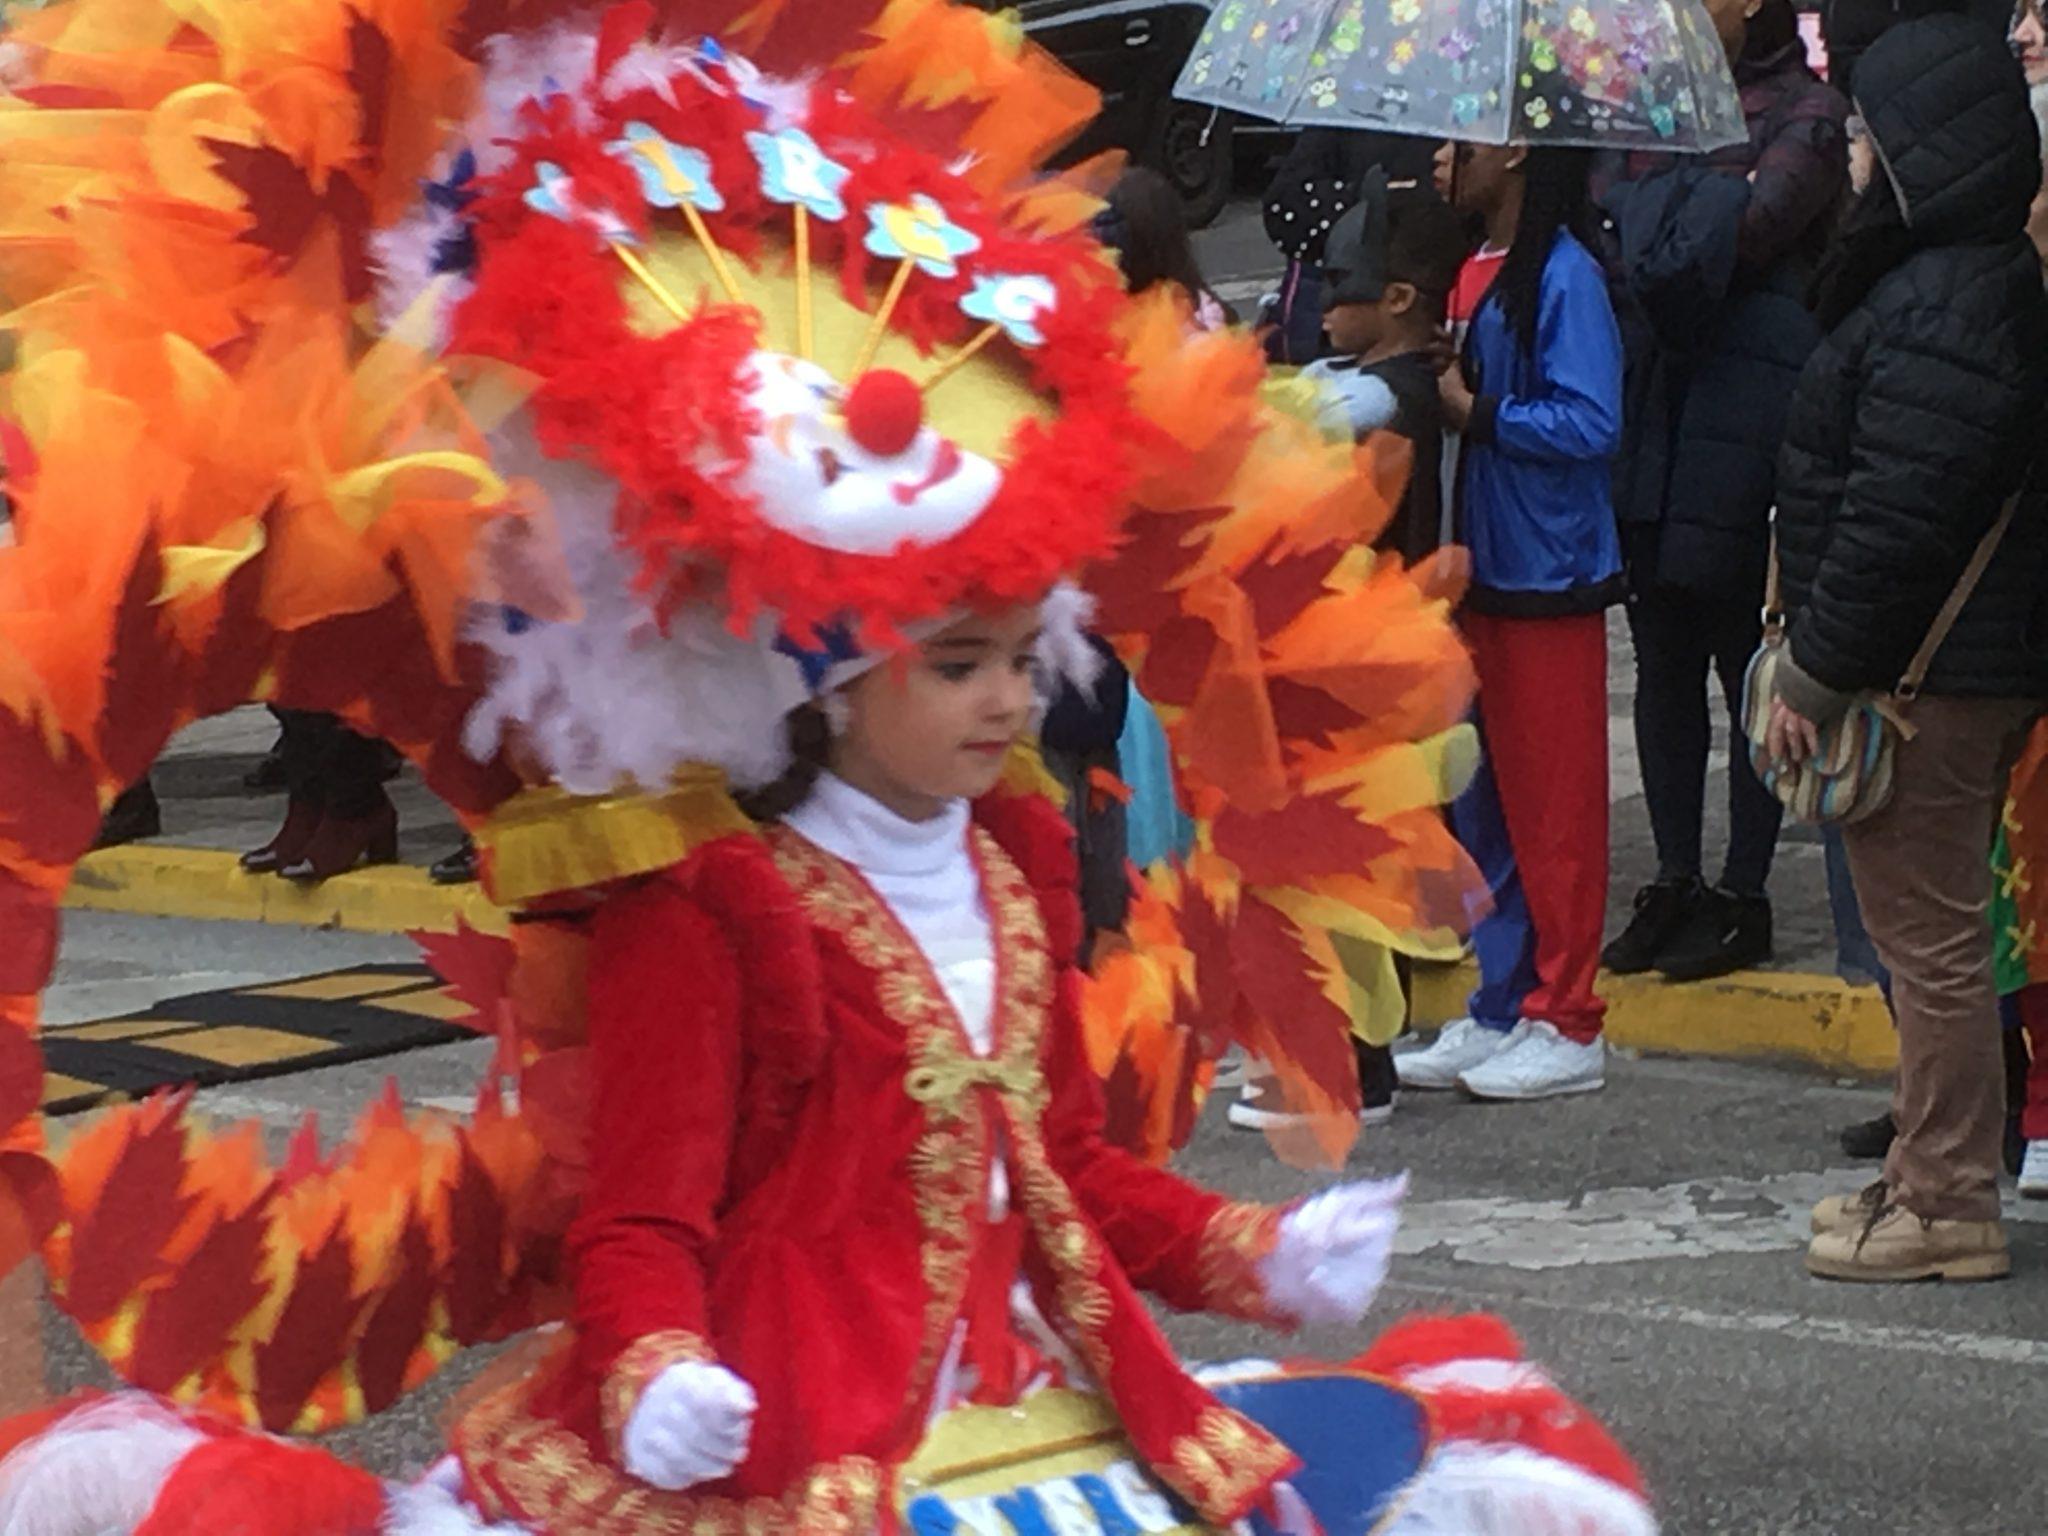 Álbum de fotos del martes de Carnaval 2019 en Ponferrada 20